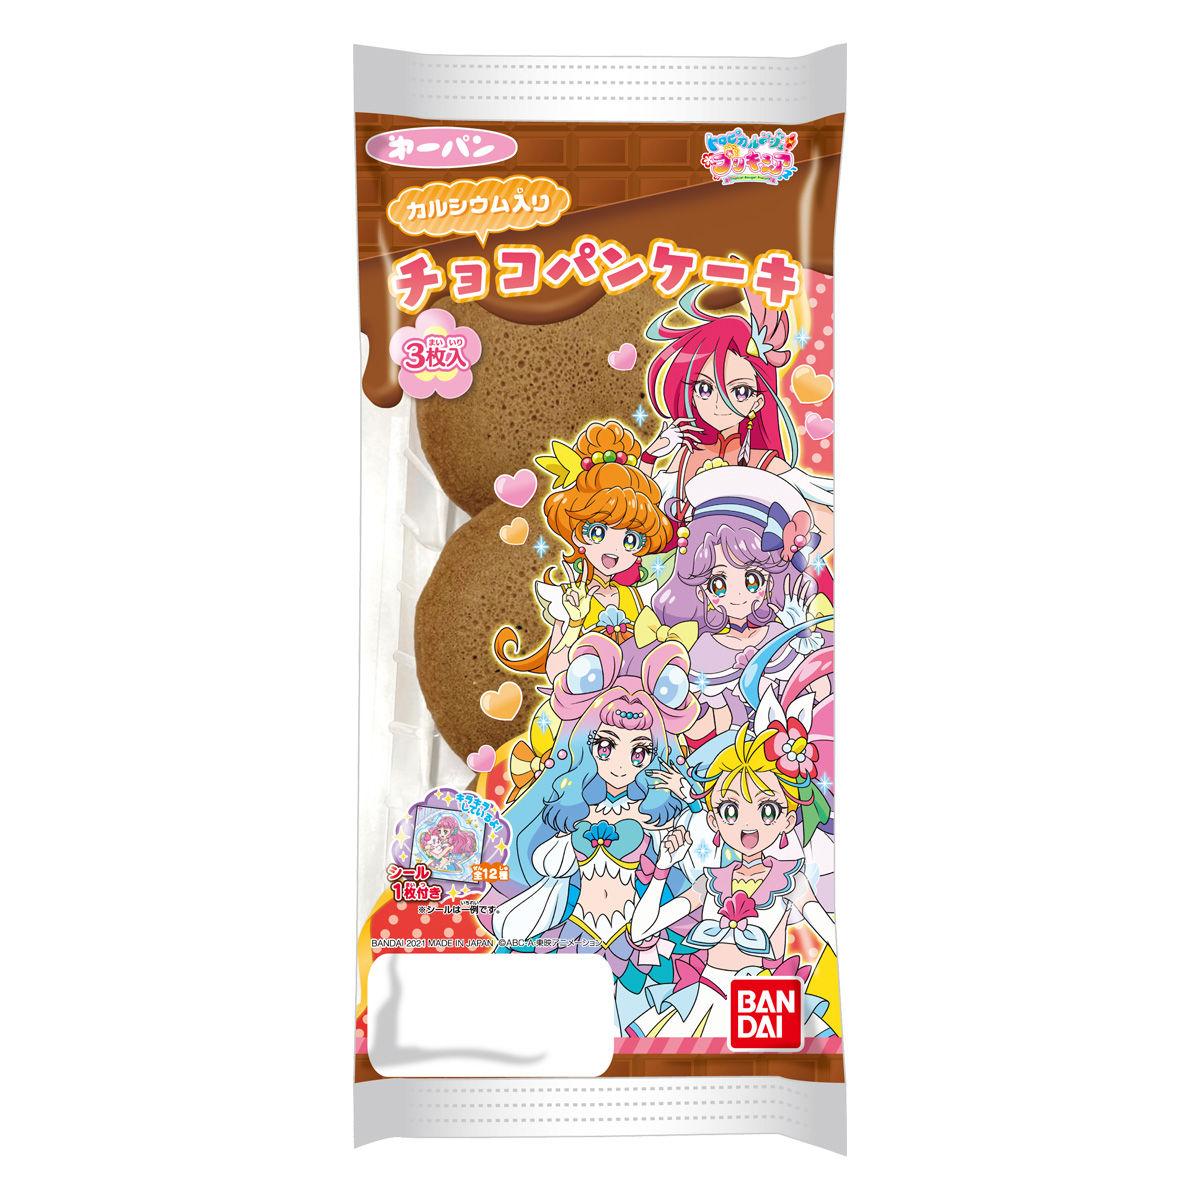 トロピカル~ジュ!プリキュア  チョコパンケーキ3枚入_0